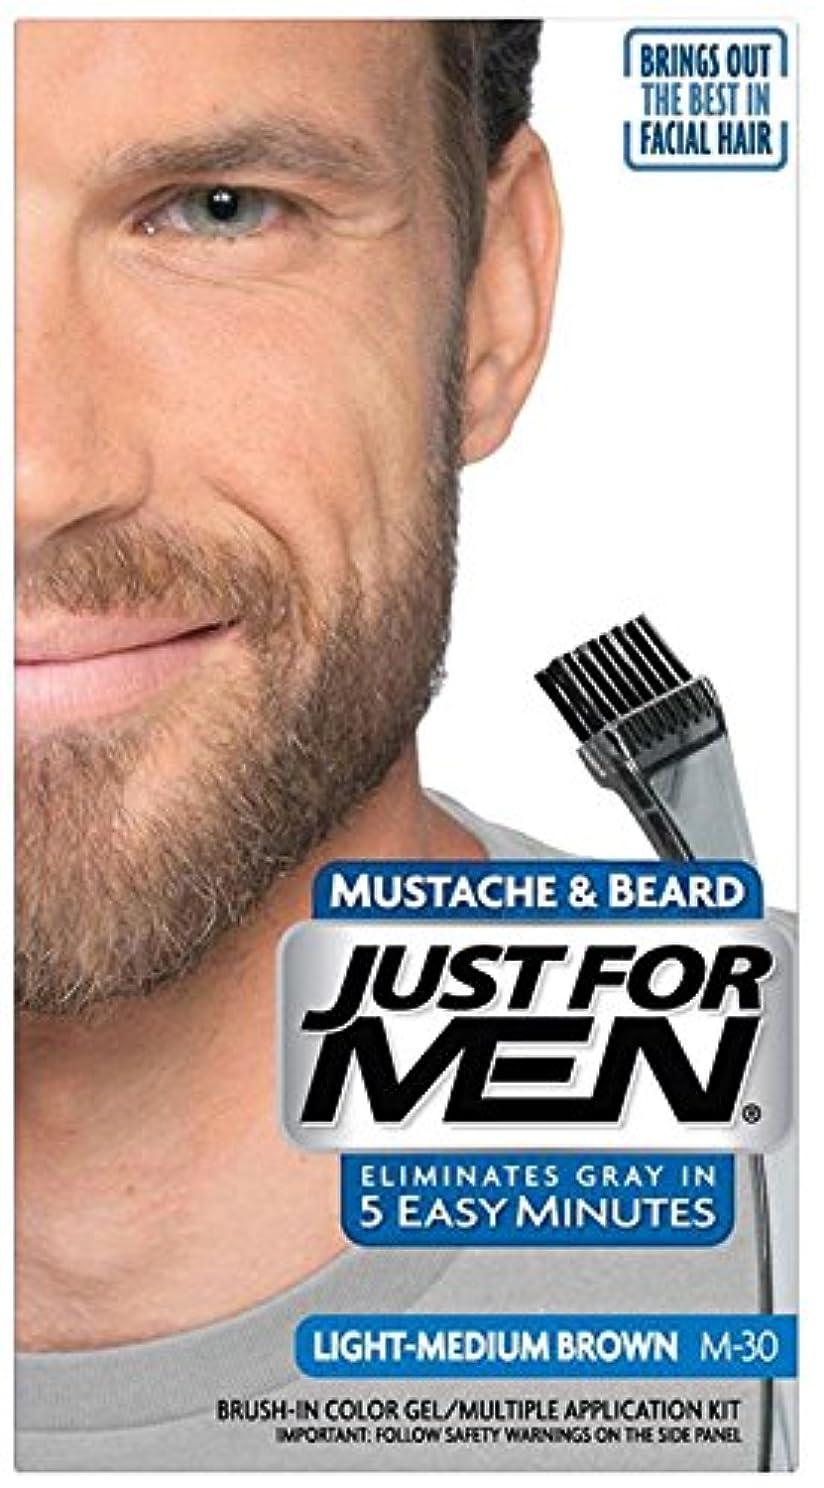 ミュウミュウ無効にする委任するJust for Men Brush-In Color Gel for Mustache & Beard Light-Medium Brown M-30 (並行輸入品)